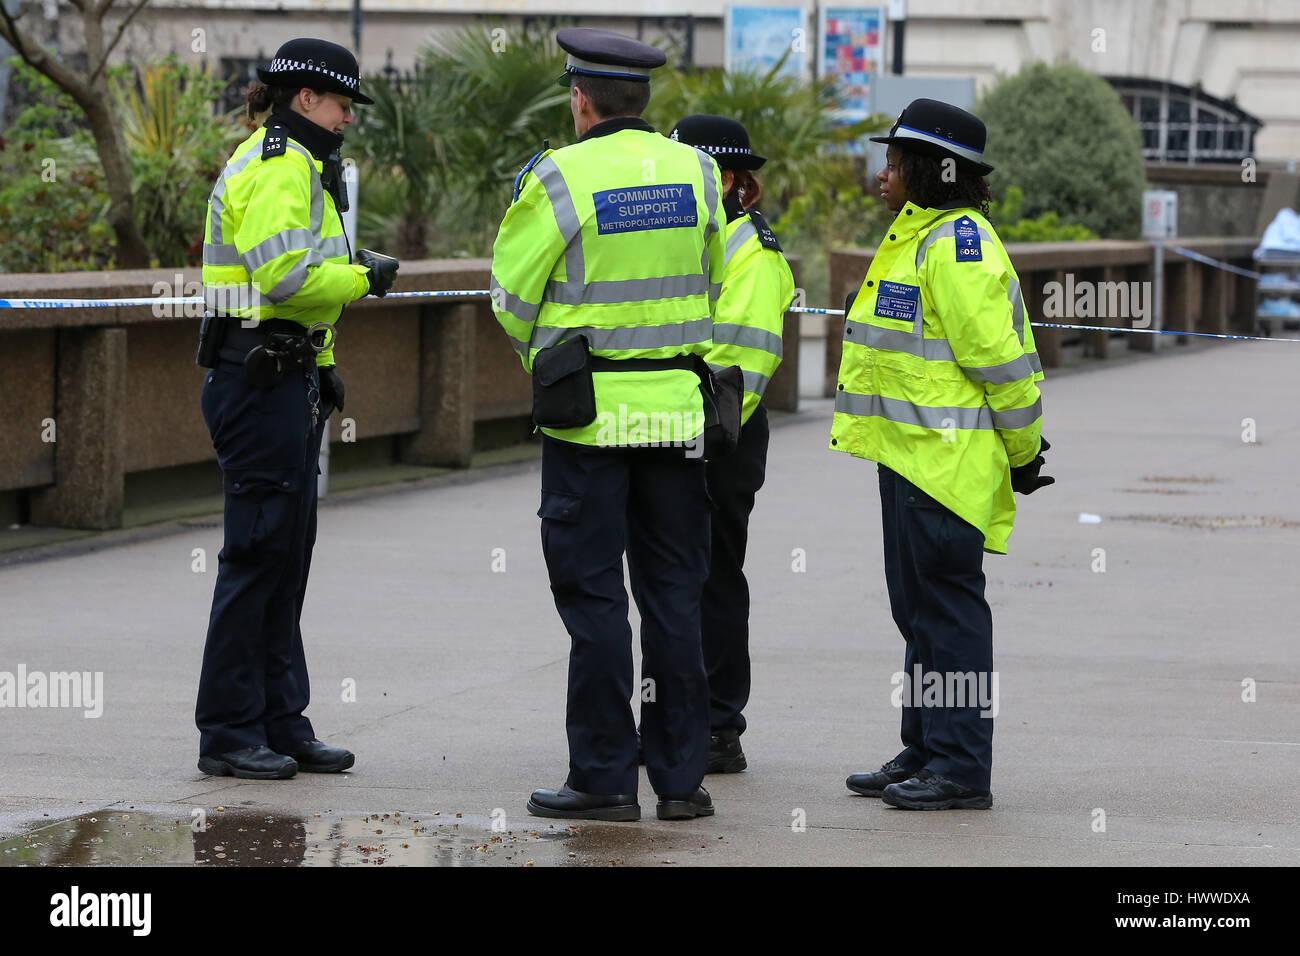 Westminster, London, UK 23 Mar 2017- Agentes de la Policía fuera del hospital St Thomas. Scotland Yard dijo el 23 de marzo de 2017 que la policía ha realizado siete arrestos en redadas realizadas durante la noche en Birmingham, Londres y otras ciudades en el país tras el ataque terrorista en el Palacio de Westminster y el puente de Westminster, el 22 de marzo de 2017, dejando un saldo de cuatro muertos, incluido el atacante, y 29 personas resultaron heridas. Crédito: Dinendra Haria/Alamy Live News Foto de stock